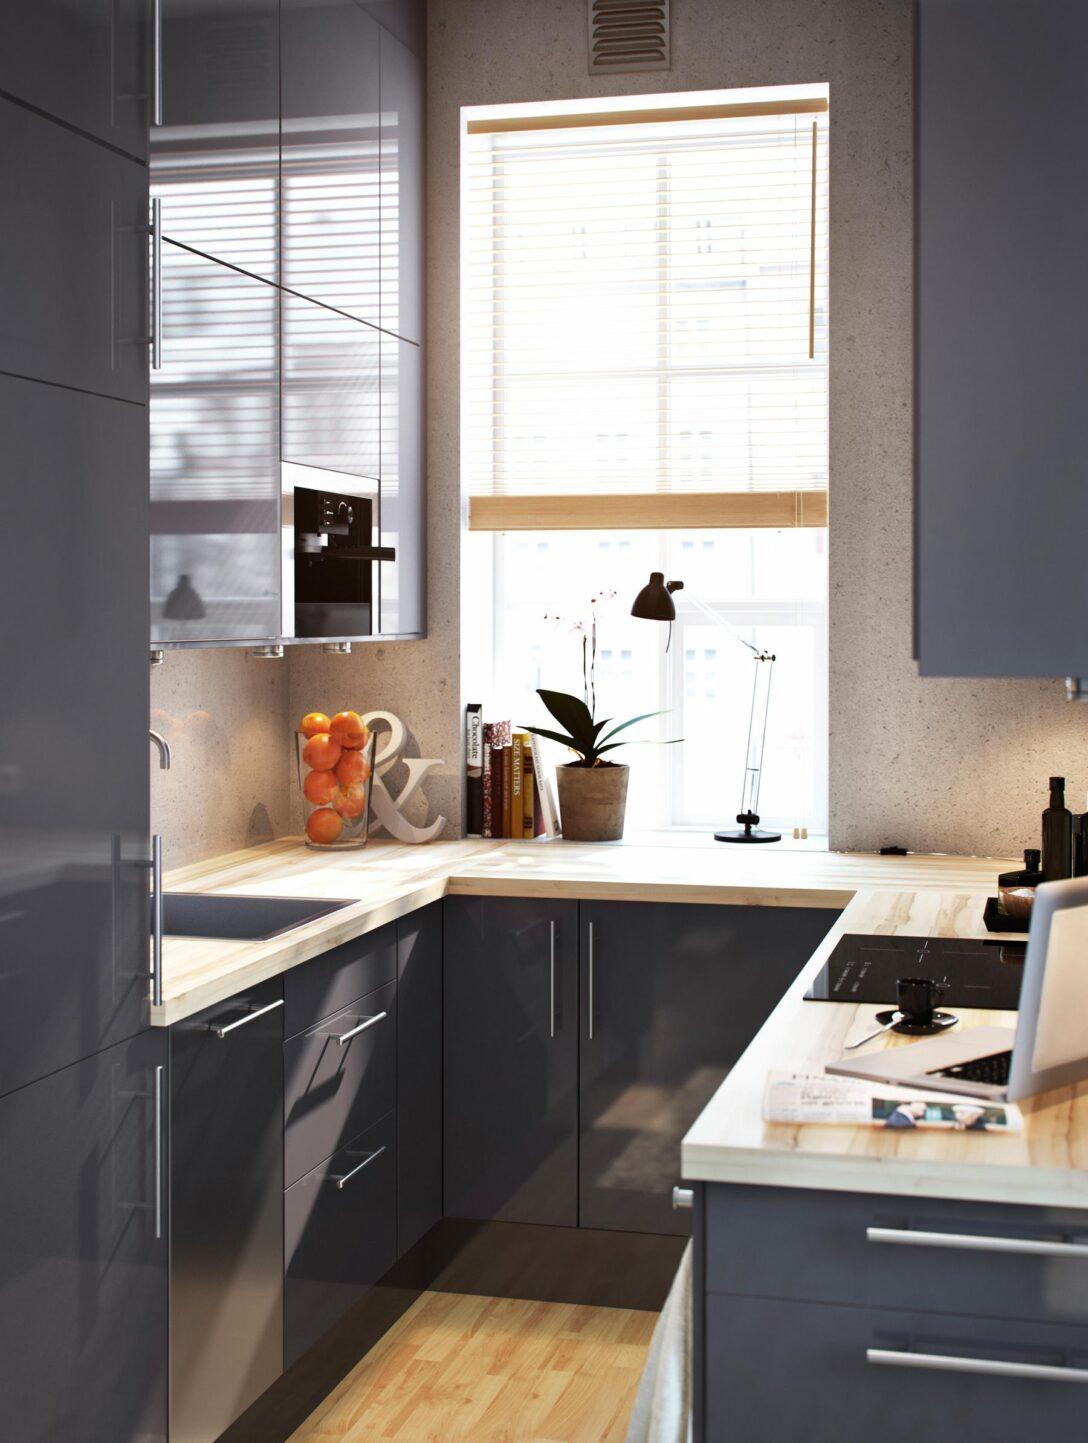 Large Size of Singleküche Ikea Miniküche Praktische Einbaukche In Grauer Glanzoptik S Sofa Mit Schlaffunktion Küche Kosten Stengel Kühlschrank Betten 160x200 Kaufen Bei Wohnzimmer Singleküche Ikea Miniküche